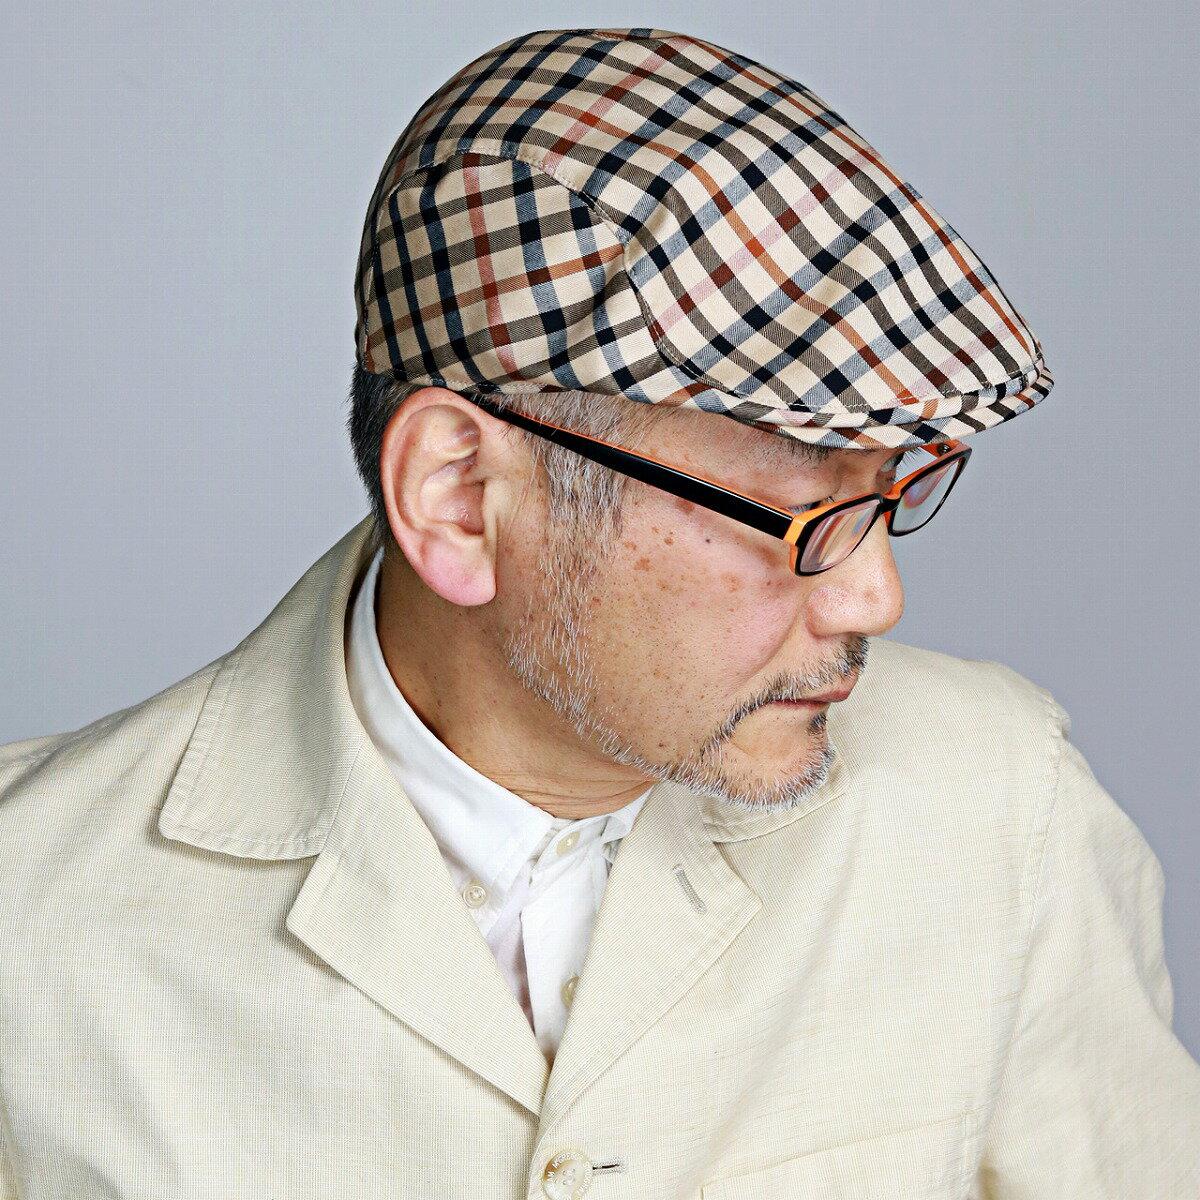 DAKS ハンチング メンズ 春夏 帽子 ハンチング帽 ダックス 40代 50代 60代 70代 ファッション チェック 総柄 コットン ブリティッシュ ハウスチェック ベージュ系 [ ivy cap ](メンズ帽子 紳士帽子 ギフト ハンチング帽子 男性 おしゃれ プレゼント 通販 ぼうし)